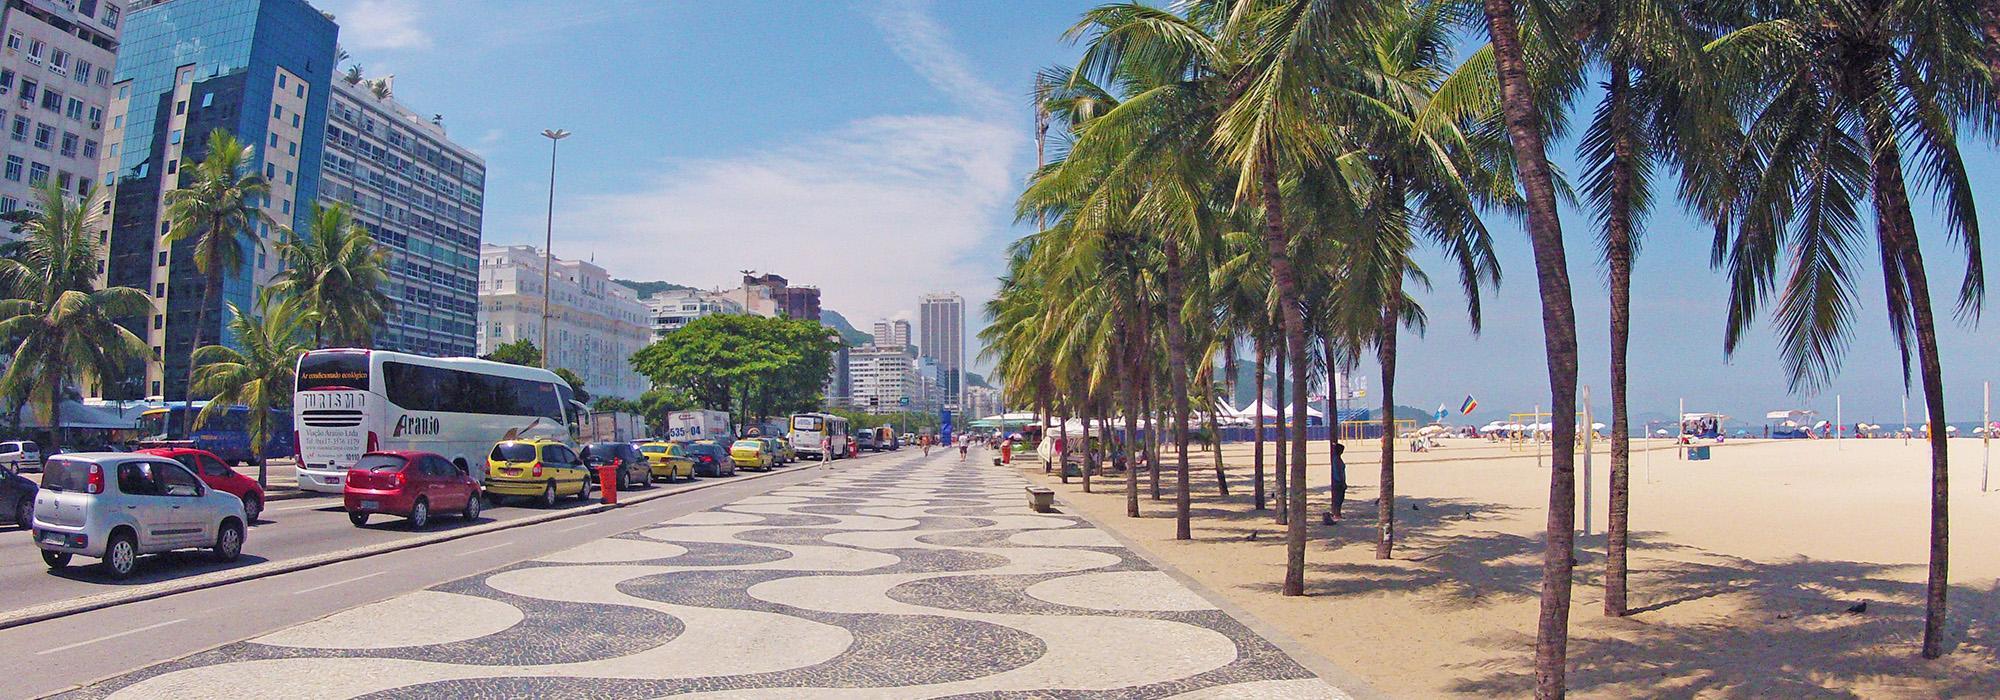 BRAZIL_RioDeJaneiro_CalçadãoDeCopacabana_byAllanFraga_2013_002_Hero.jpg